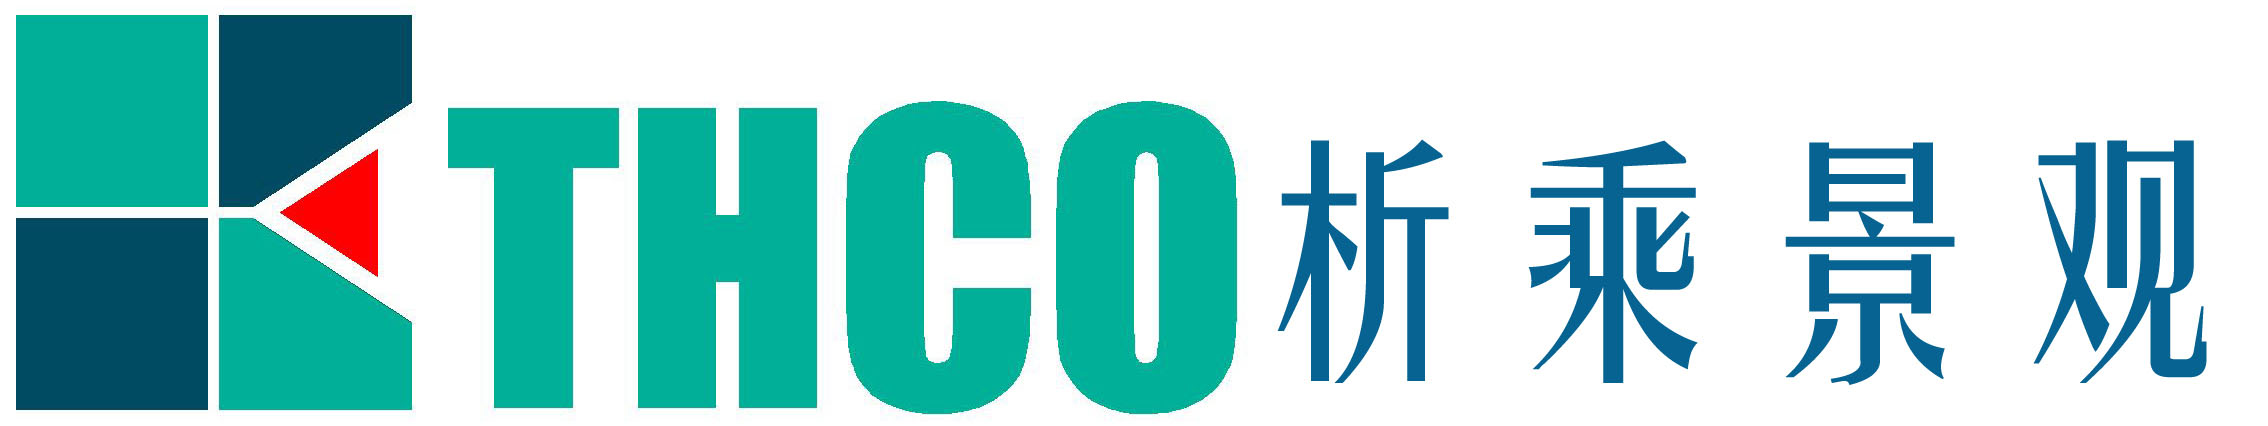 析乘(上海)景觀設計咨詢有限公司